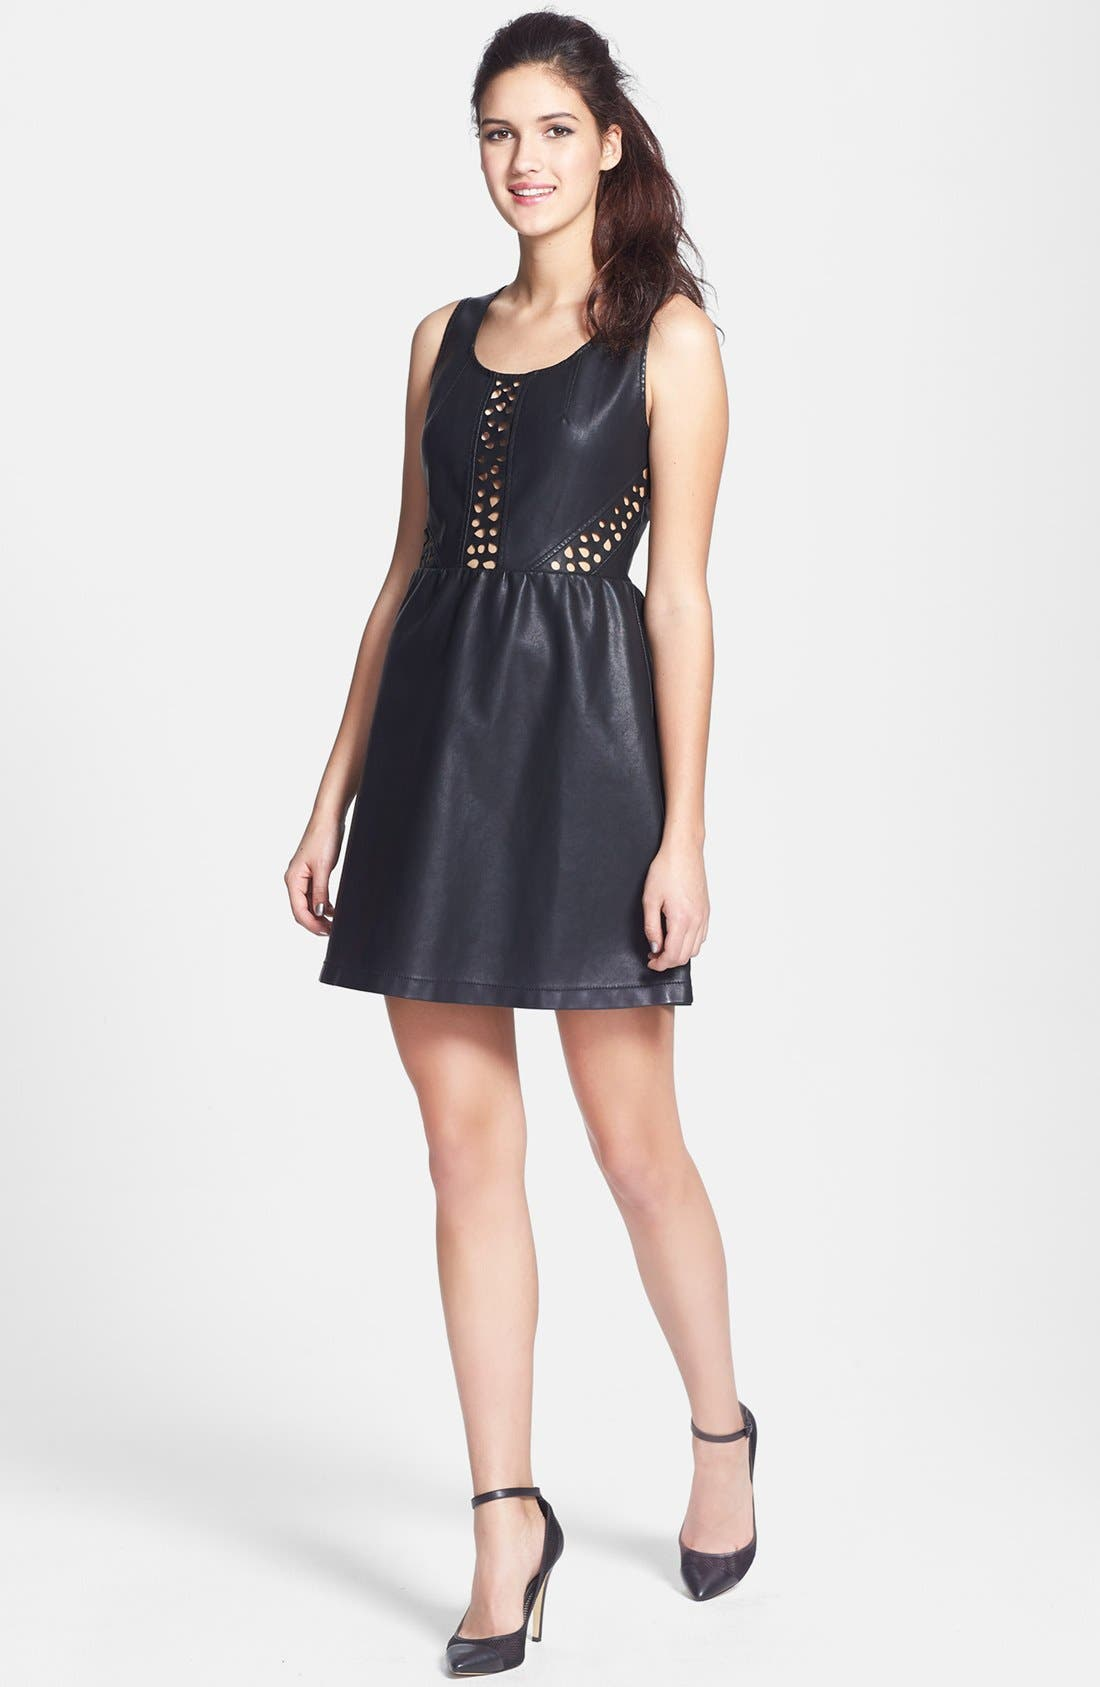 C. LUCE, Laser Cut Faux Leather Skater Dress, Main thumbnail 1, color, 001